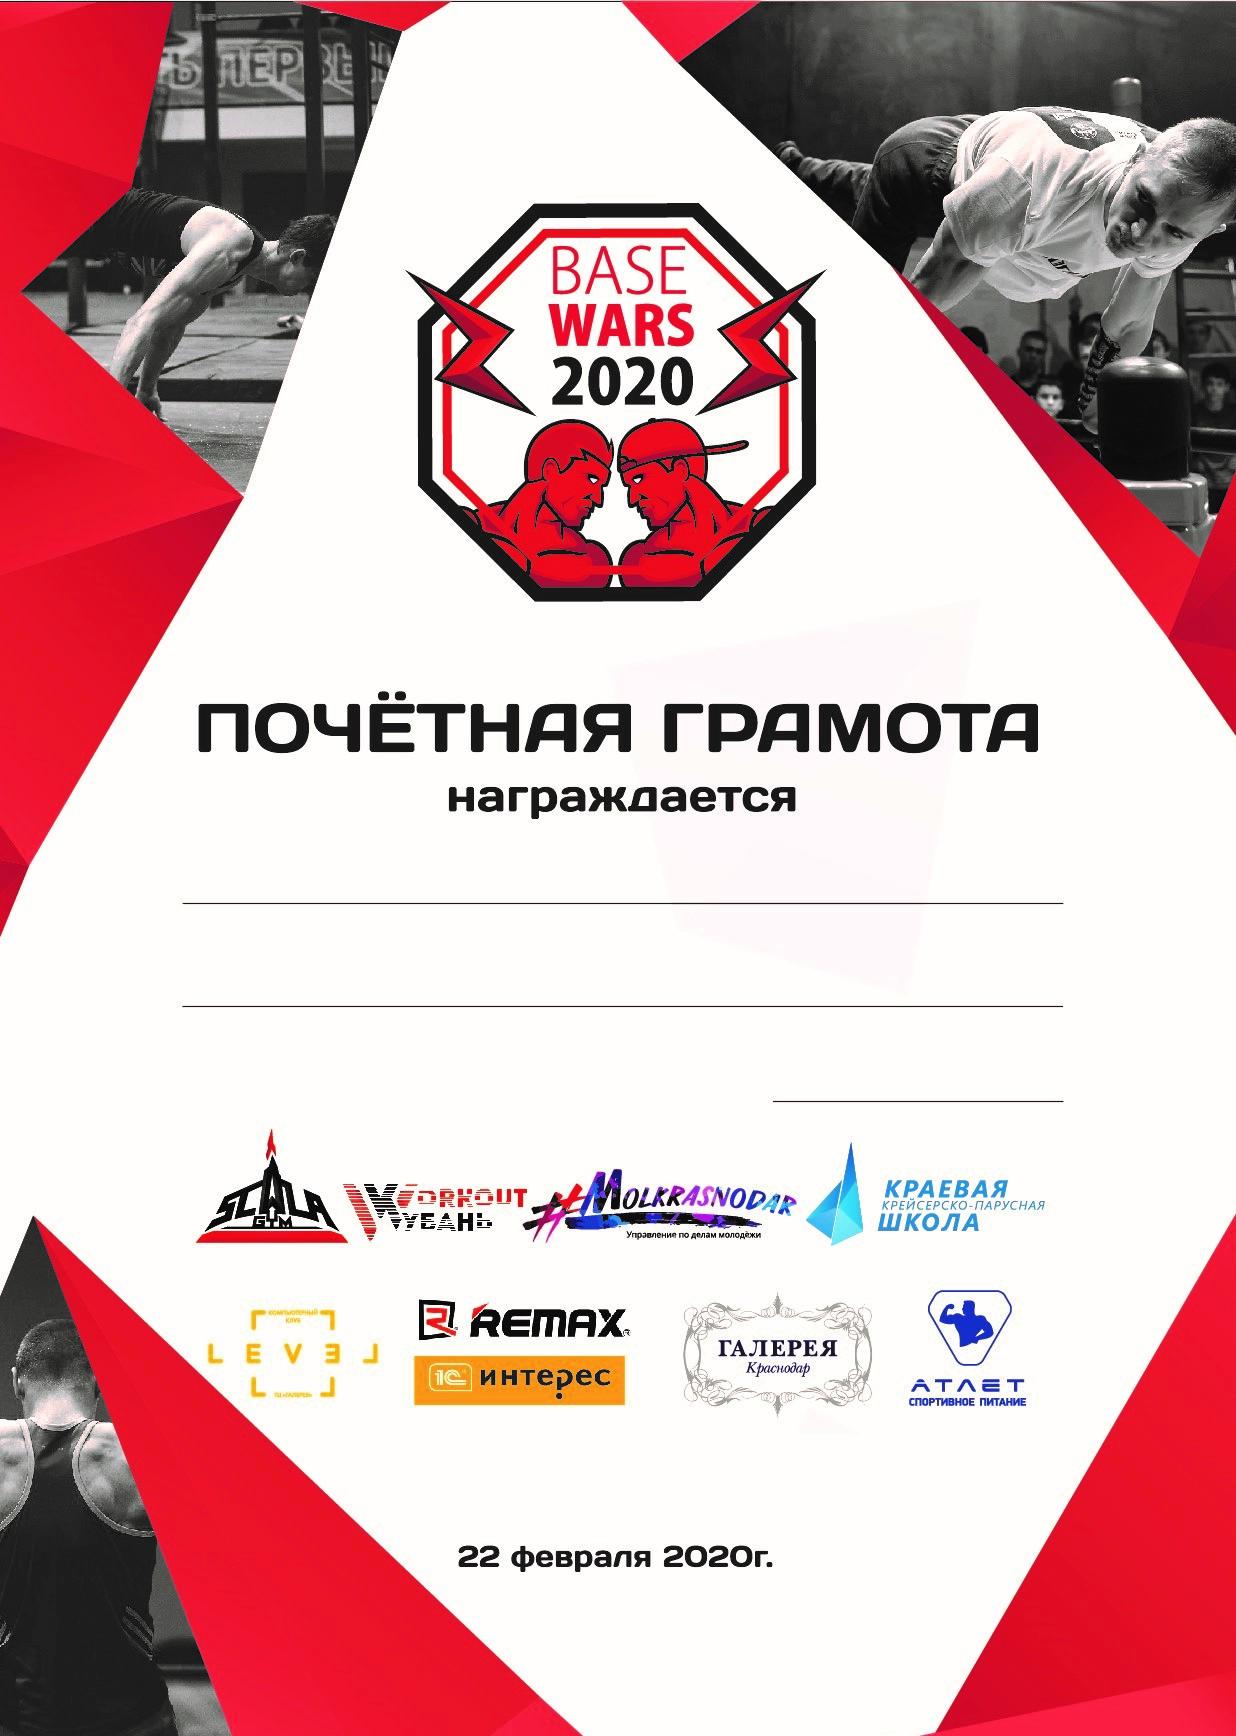 Гработа для награждения победителей краевых соревнований по воркауту «BASE WARS 2020»